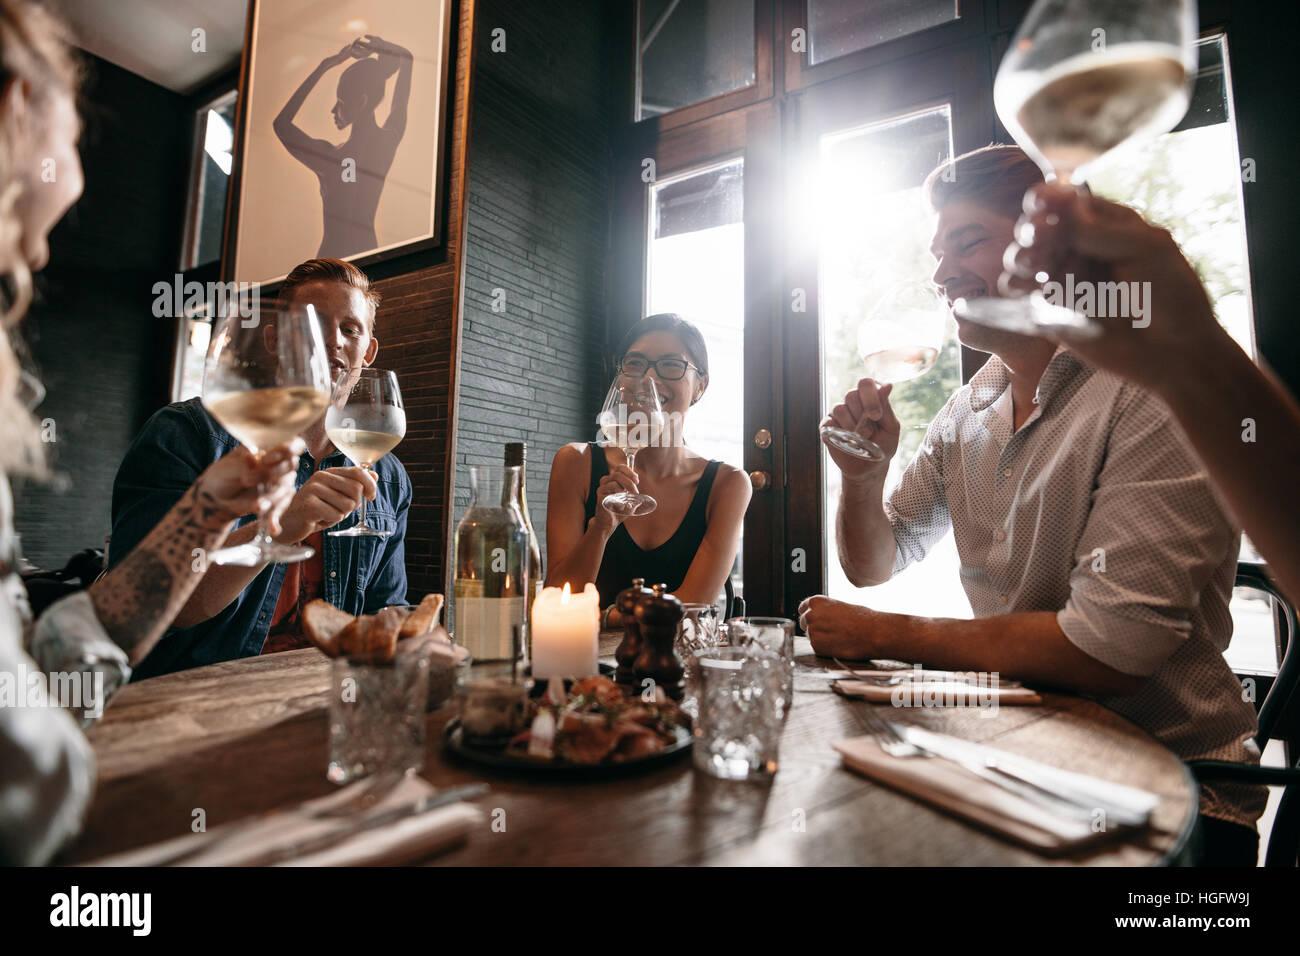 Diversos grupos de jóvenes que tienen el vino en el restaurante. Hombres y mujeres reunidos en un restaurante Imagen De Stock